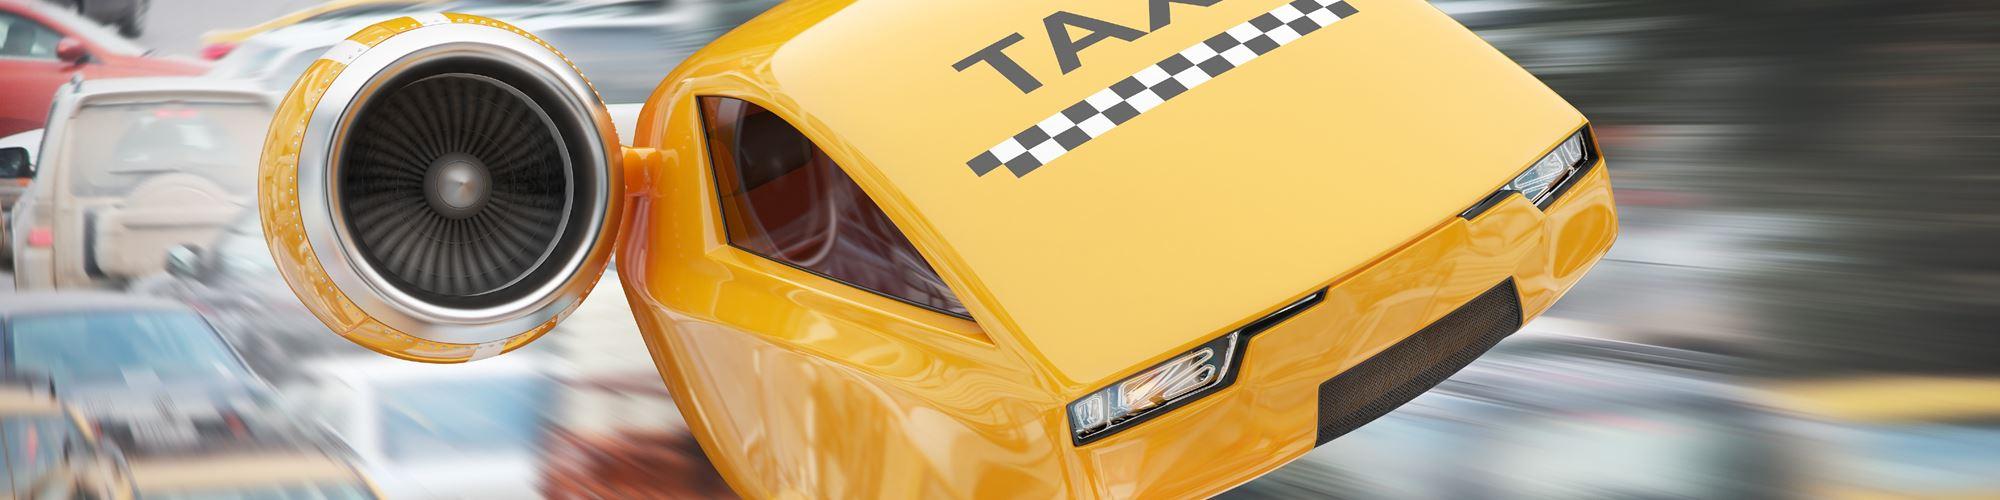 O que podemos esperar para 2024? Táxis voadores e aeroportos no topo dos prédios